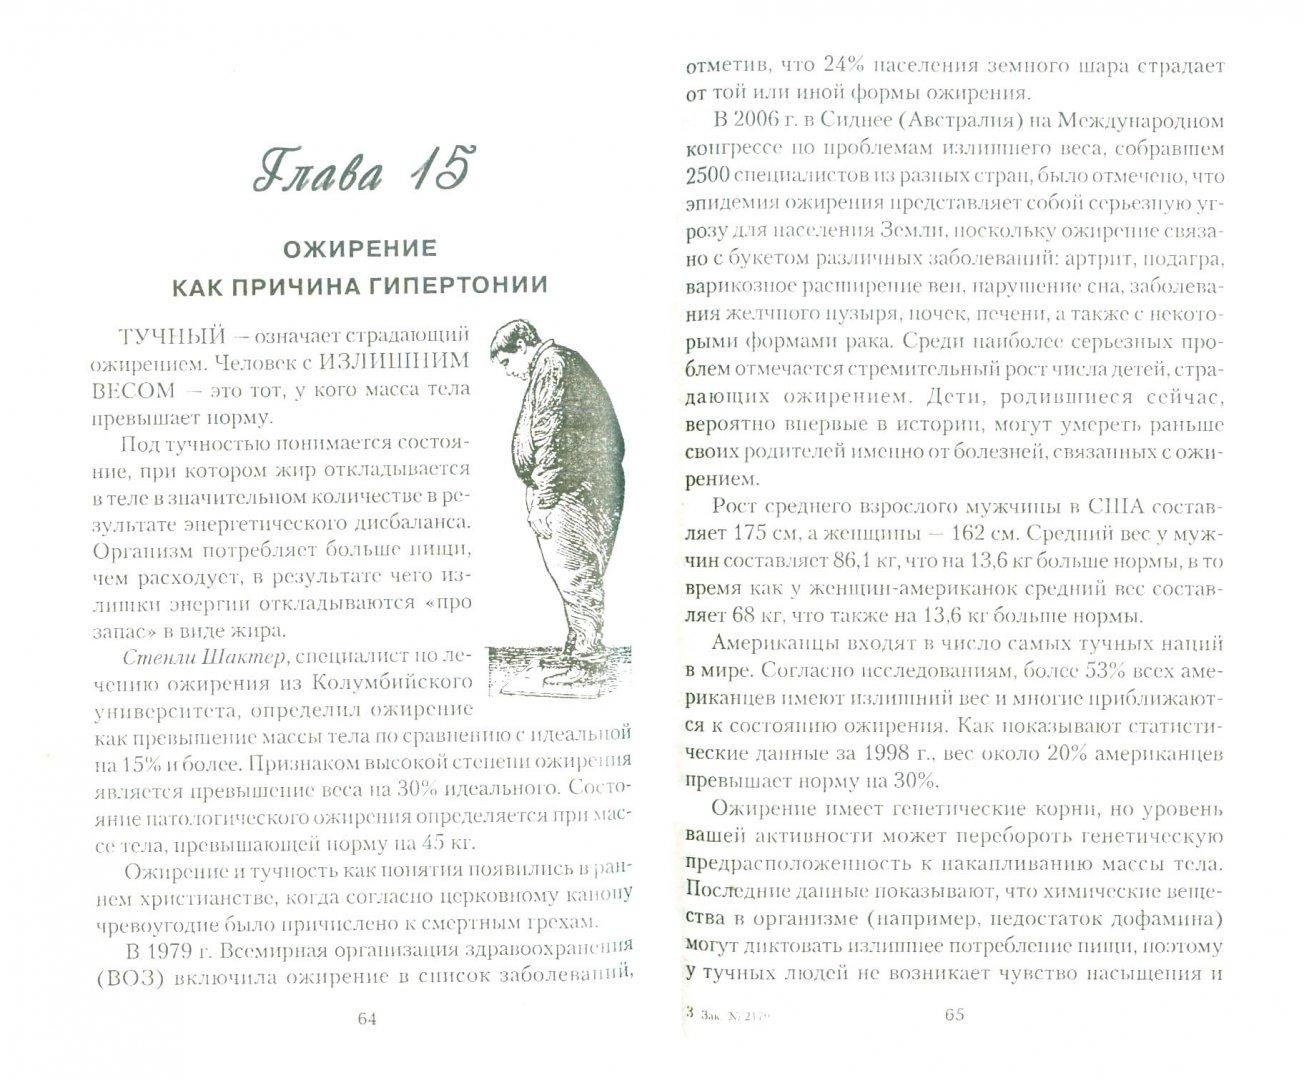 Иллюстрация 1 из 4 для Гипертония: безмолвный убийца. Руководство по улучшению здоровья в новом тысячелетии - Лузано Канлас   Лабиринт - книги. Источник: Лабиринт